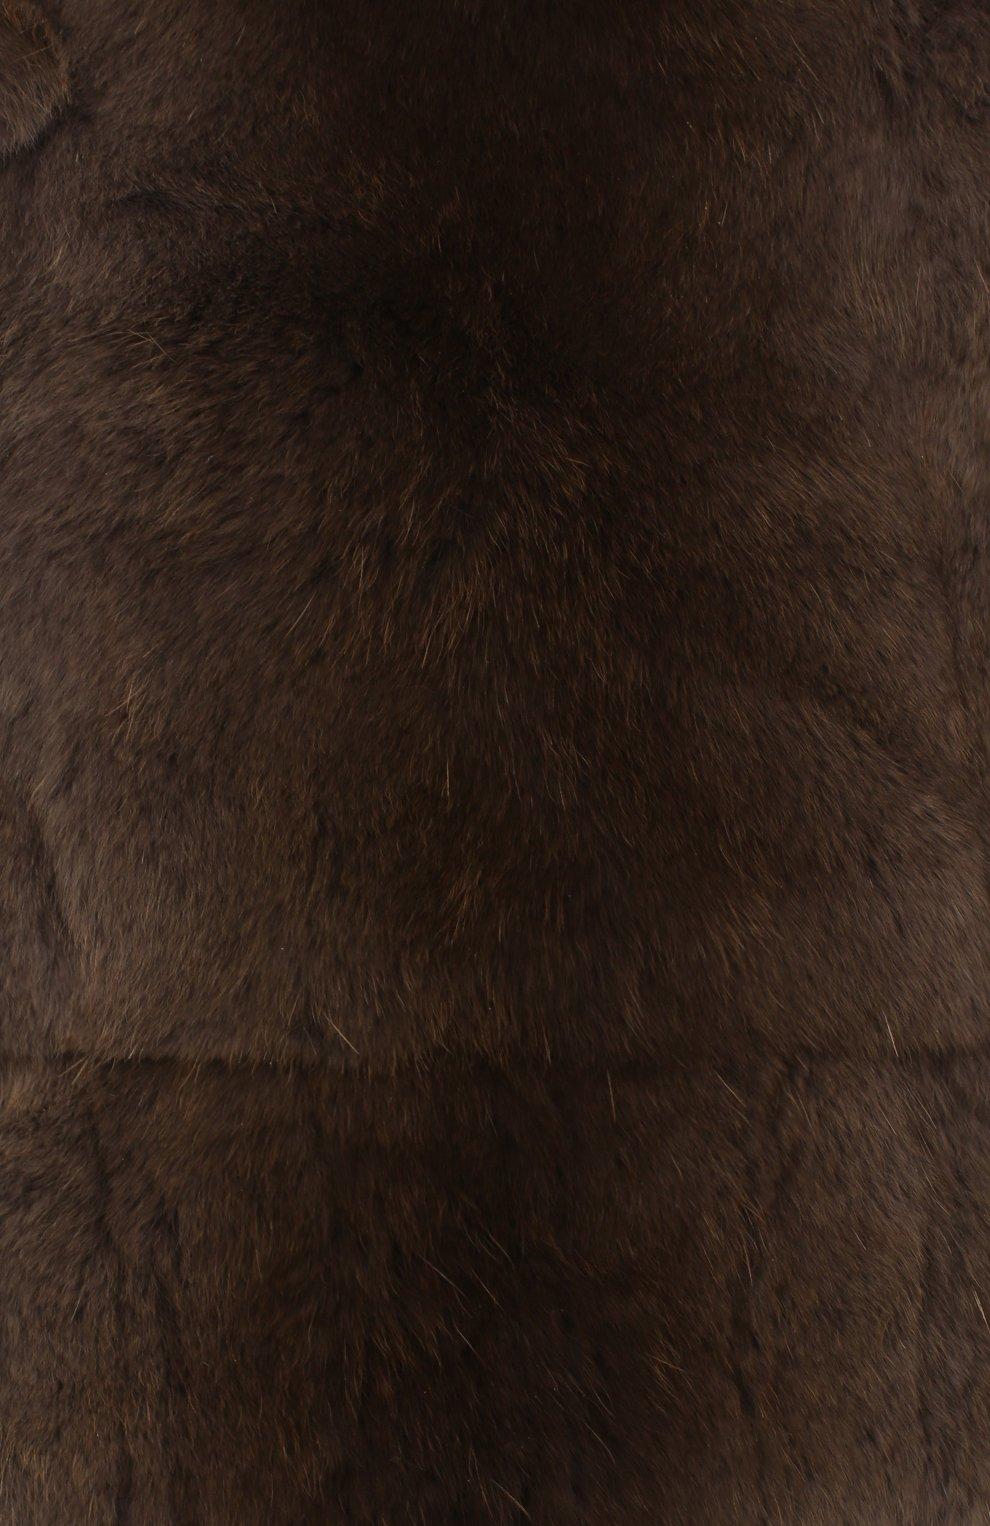 Мужская шапка из меха колонка FURLAND коричневого цвета, арт. 0105108150070200000 | Фото 3